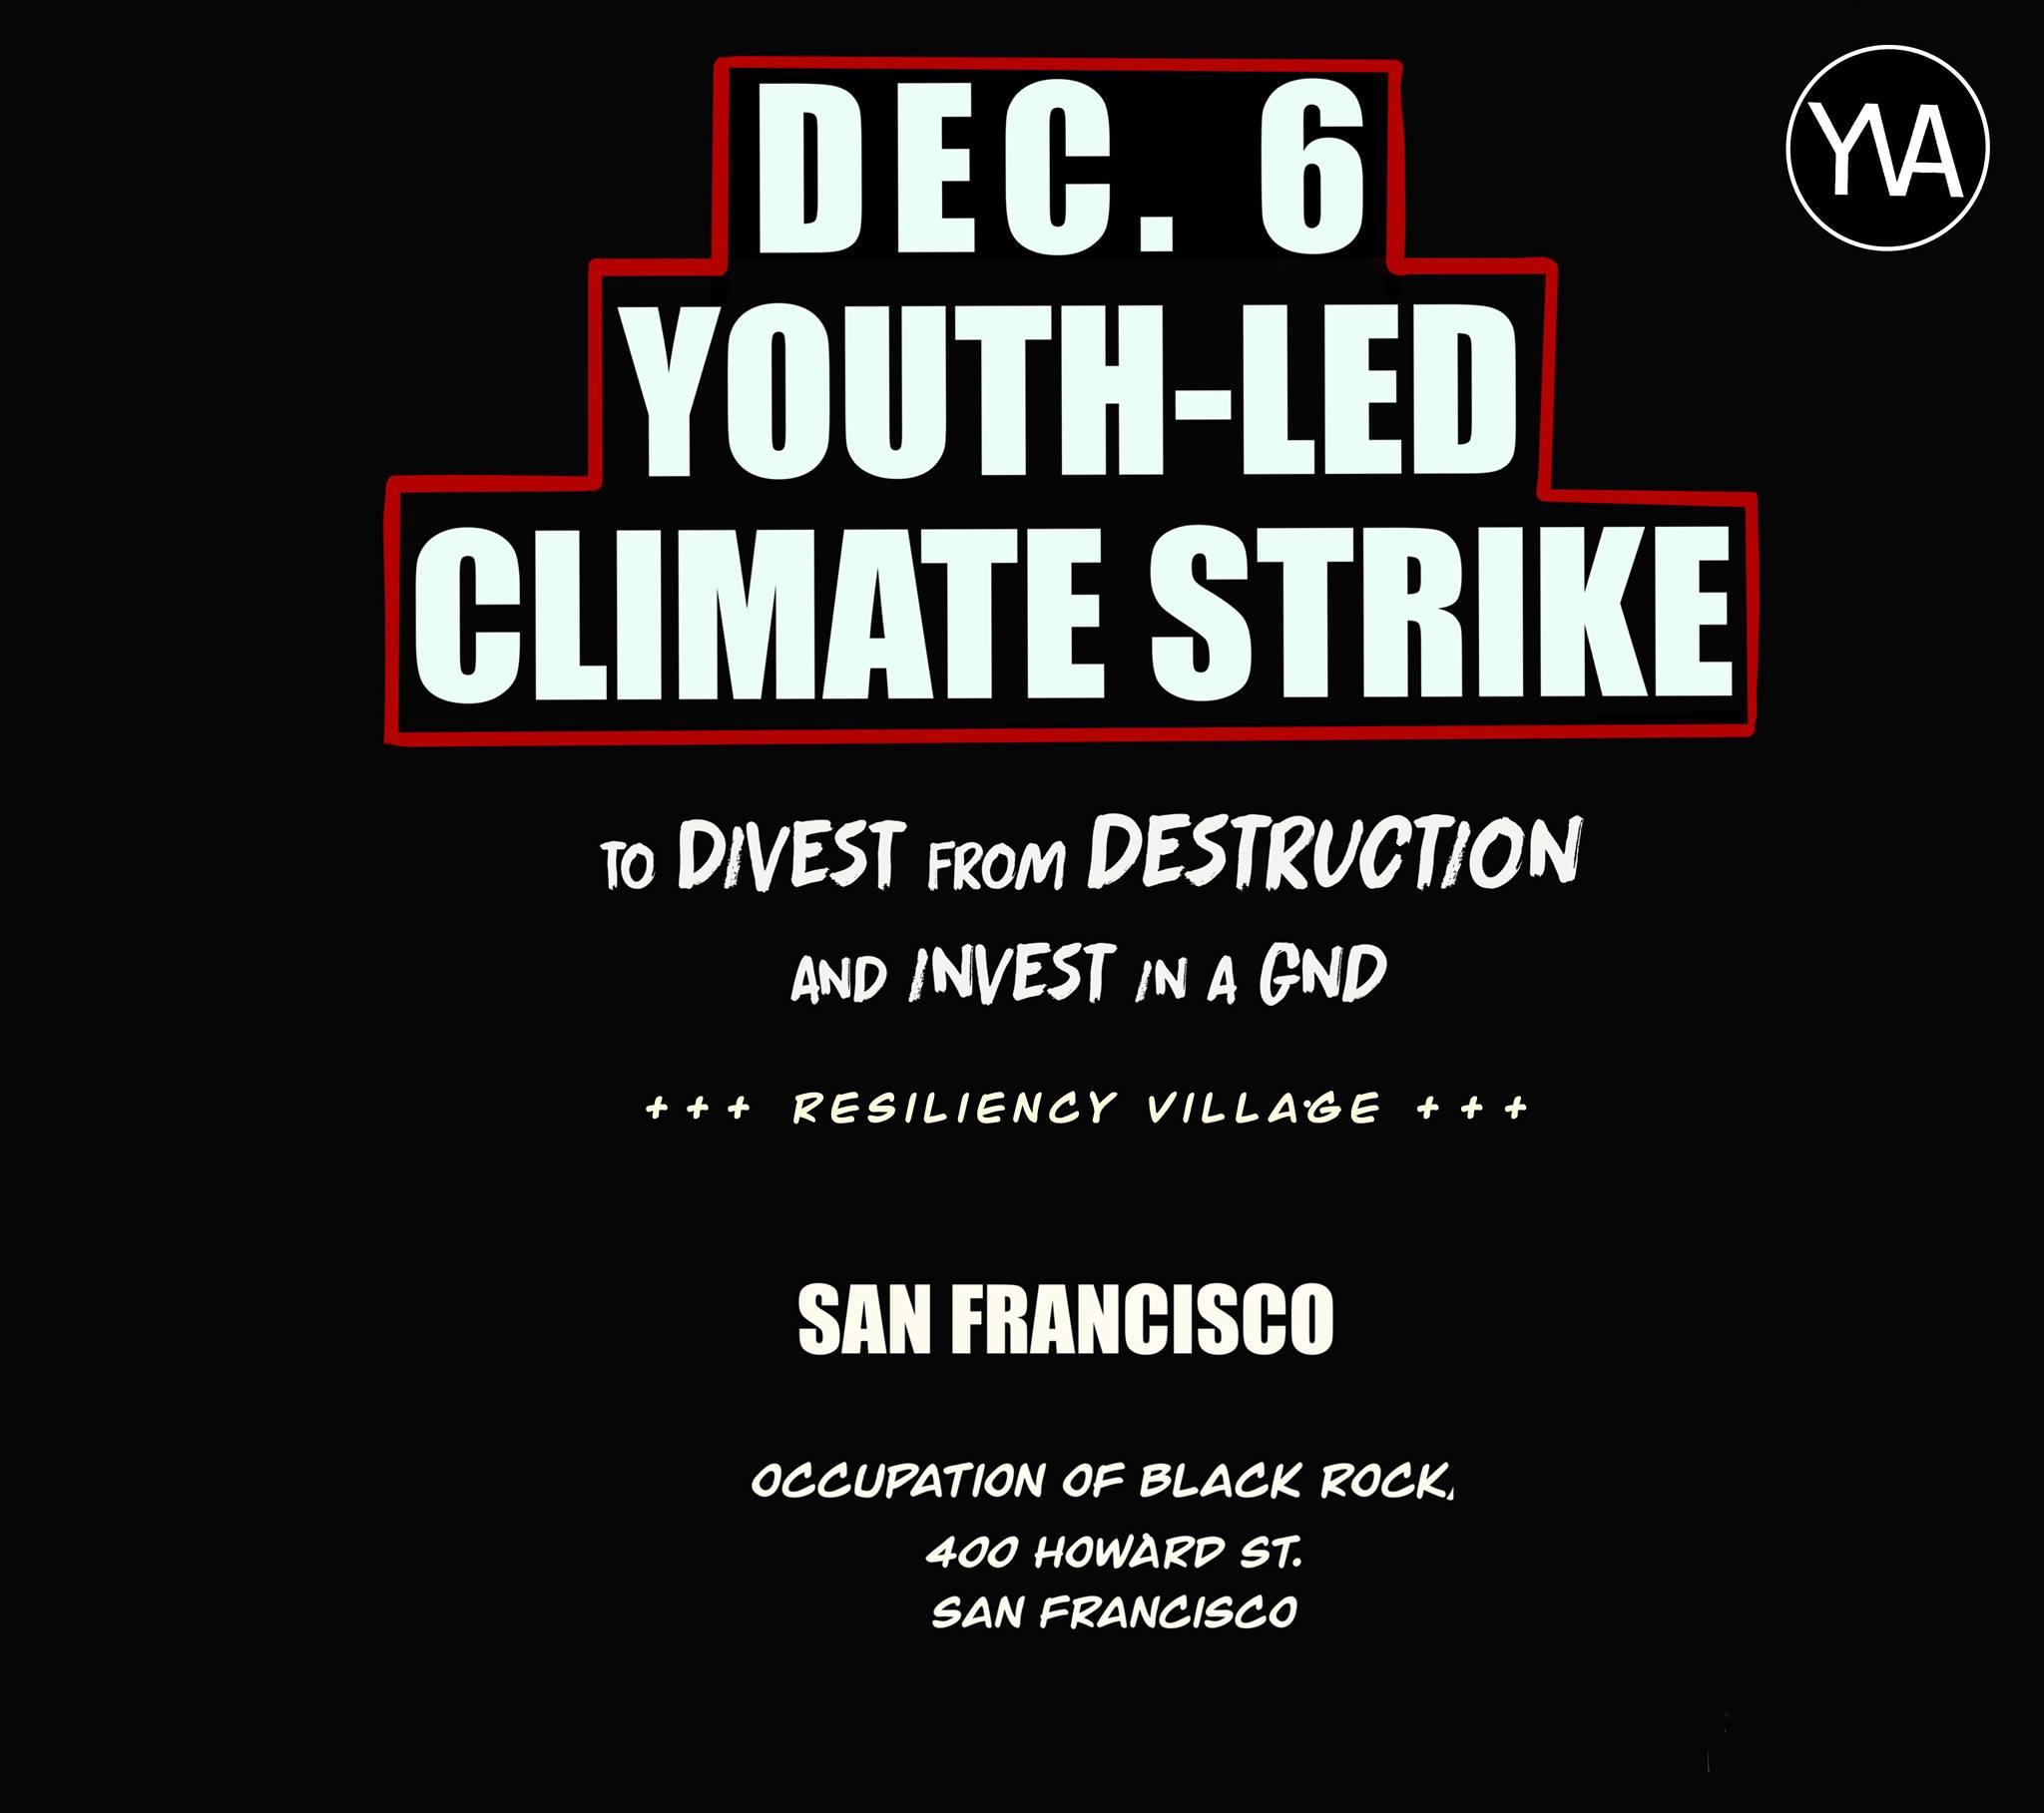 Climate_strike